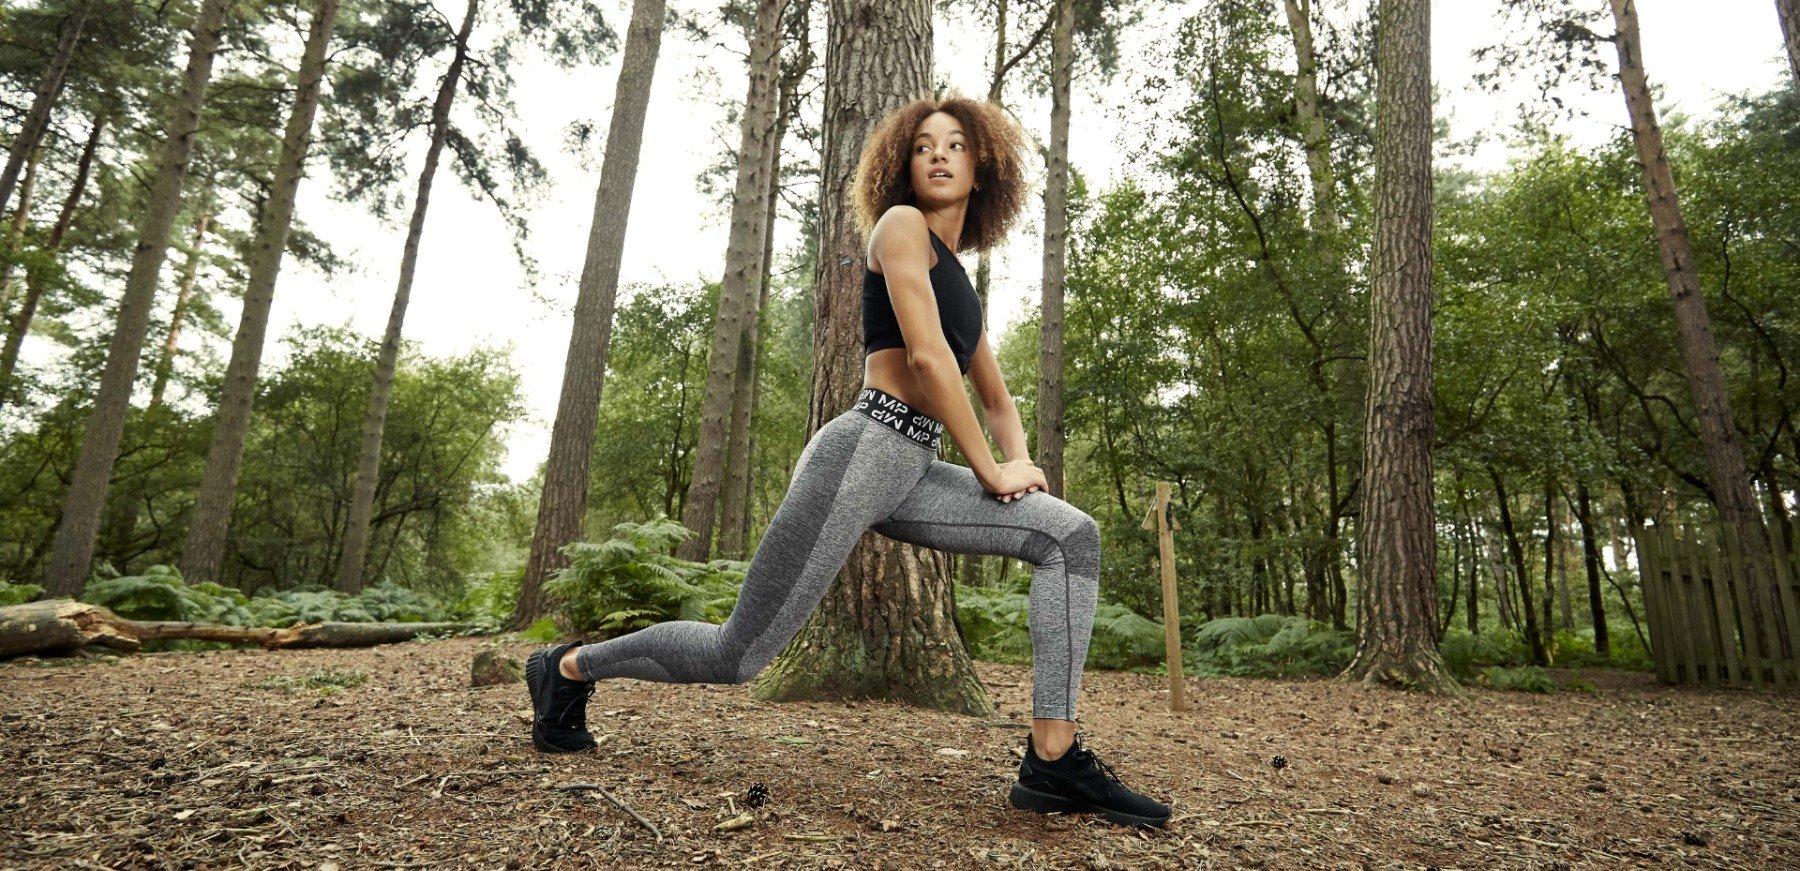 Misez sur vos courbes avec le nouveau legging Curve